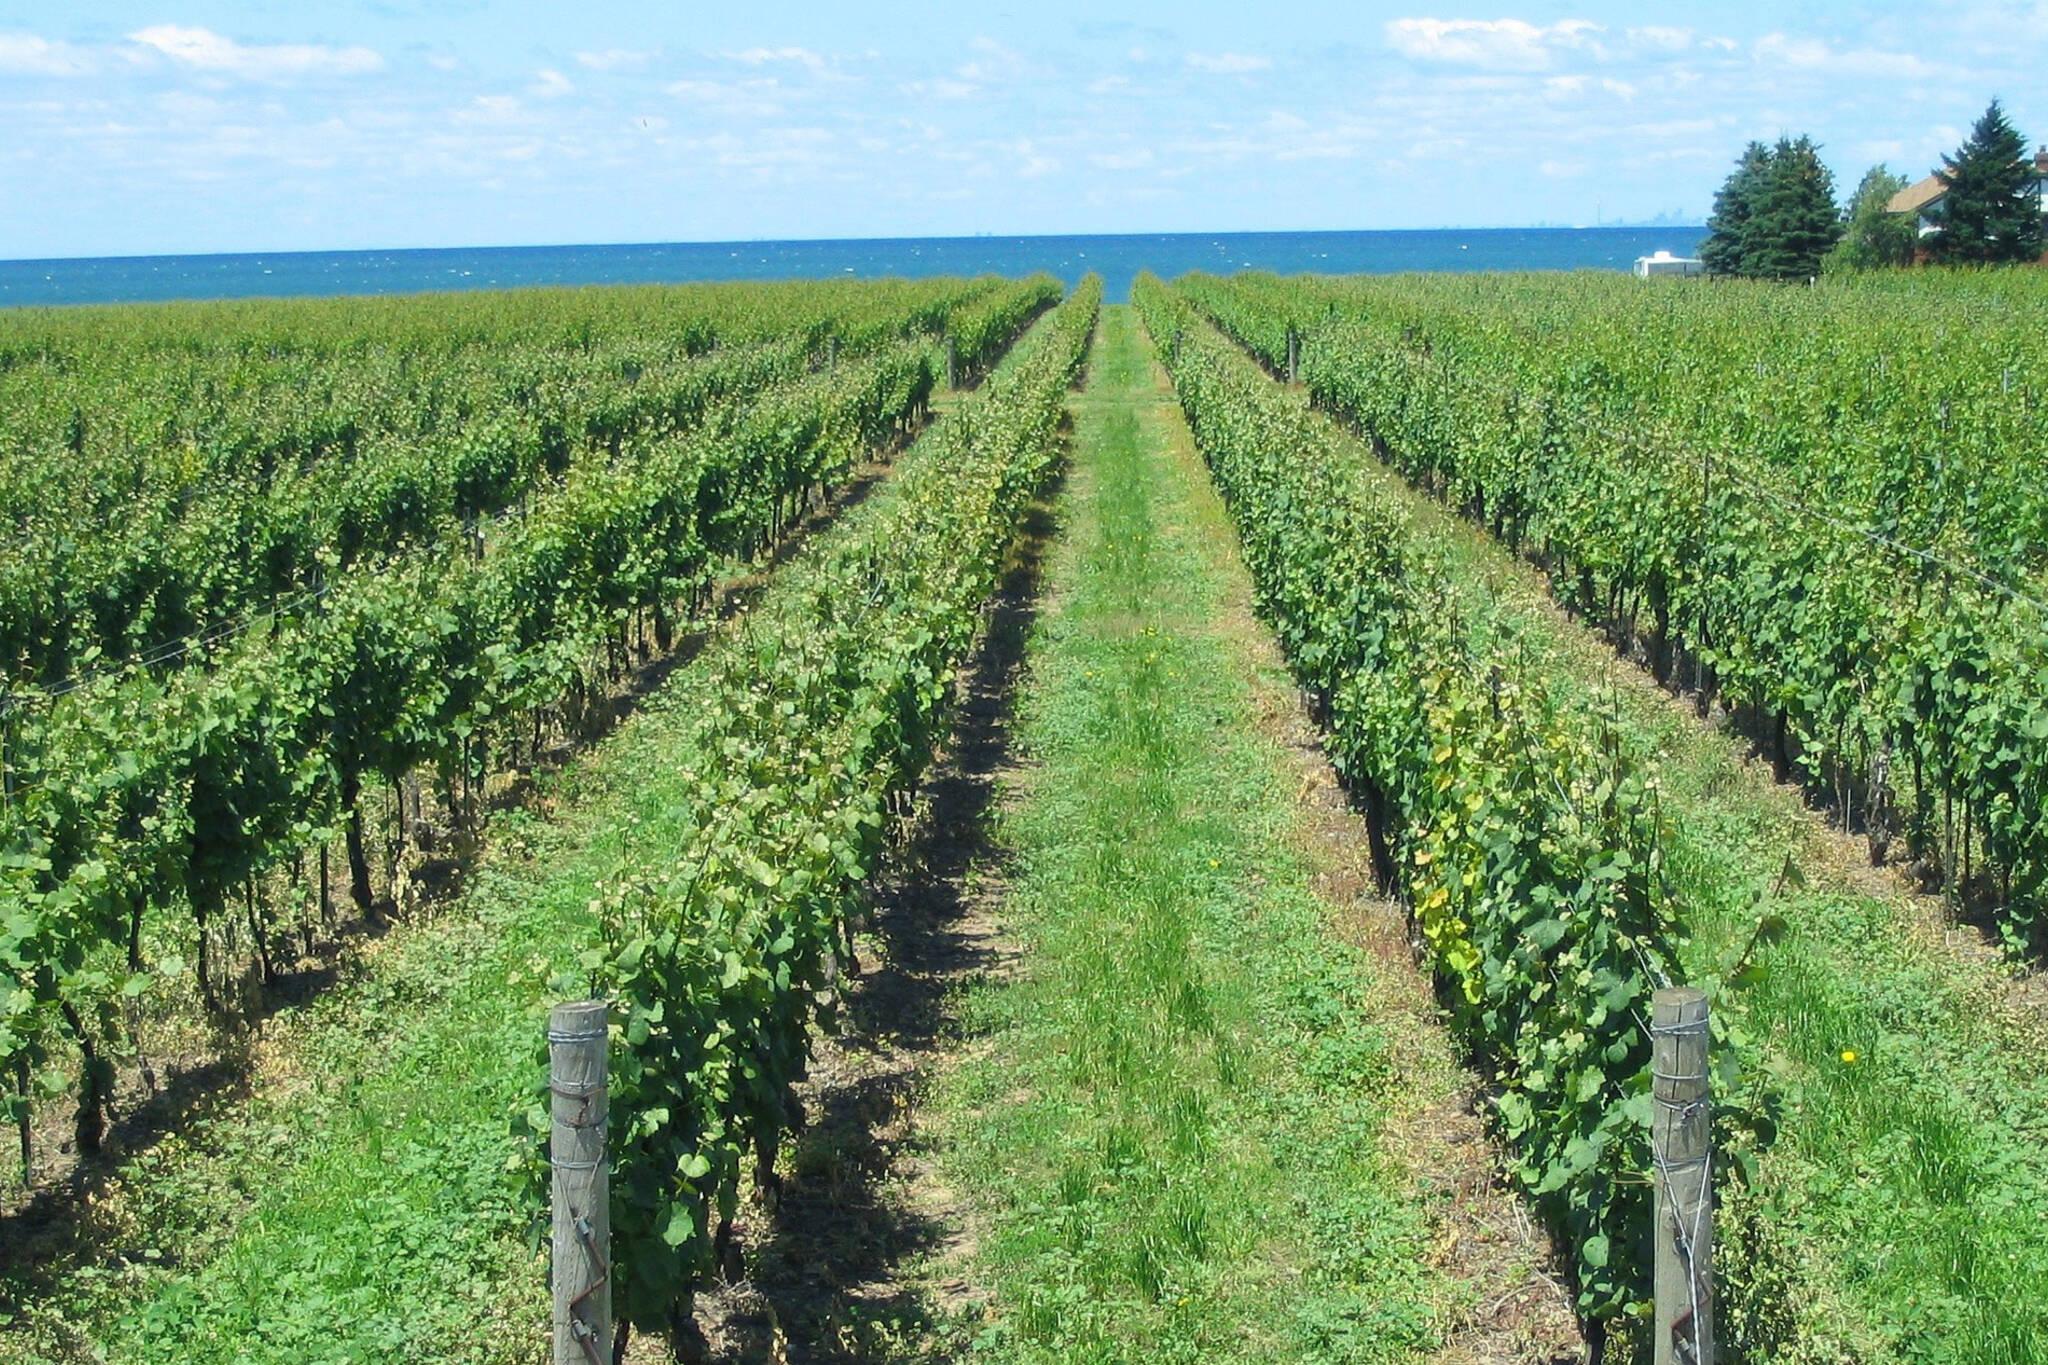 niagara on the lake wineries